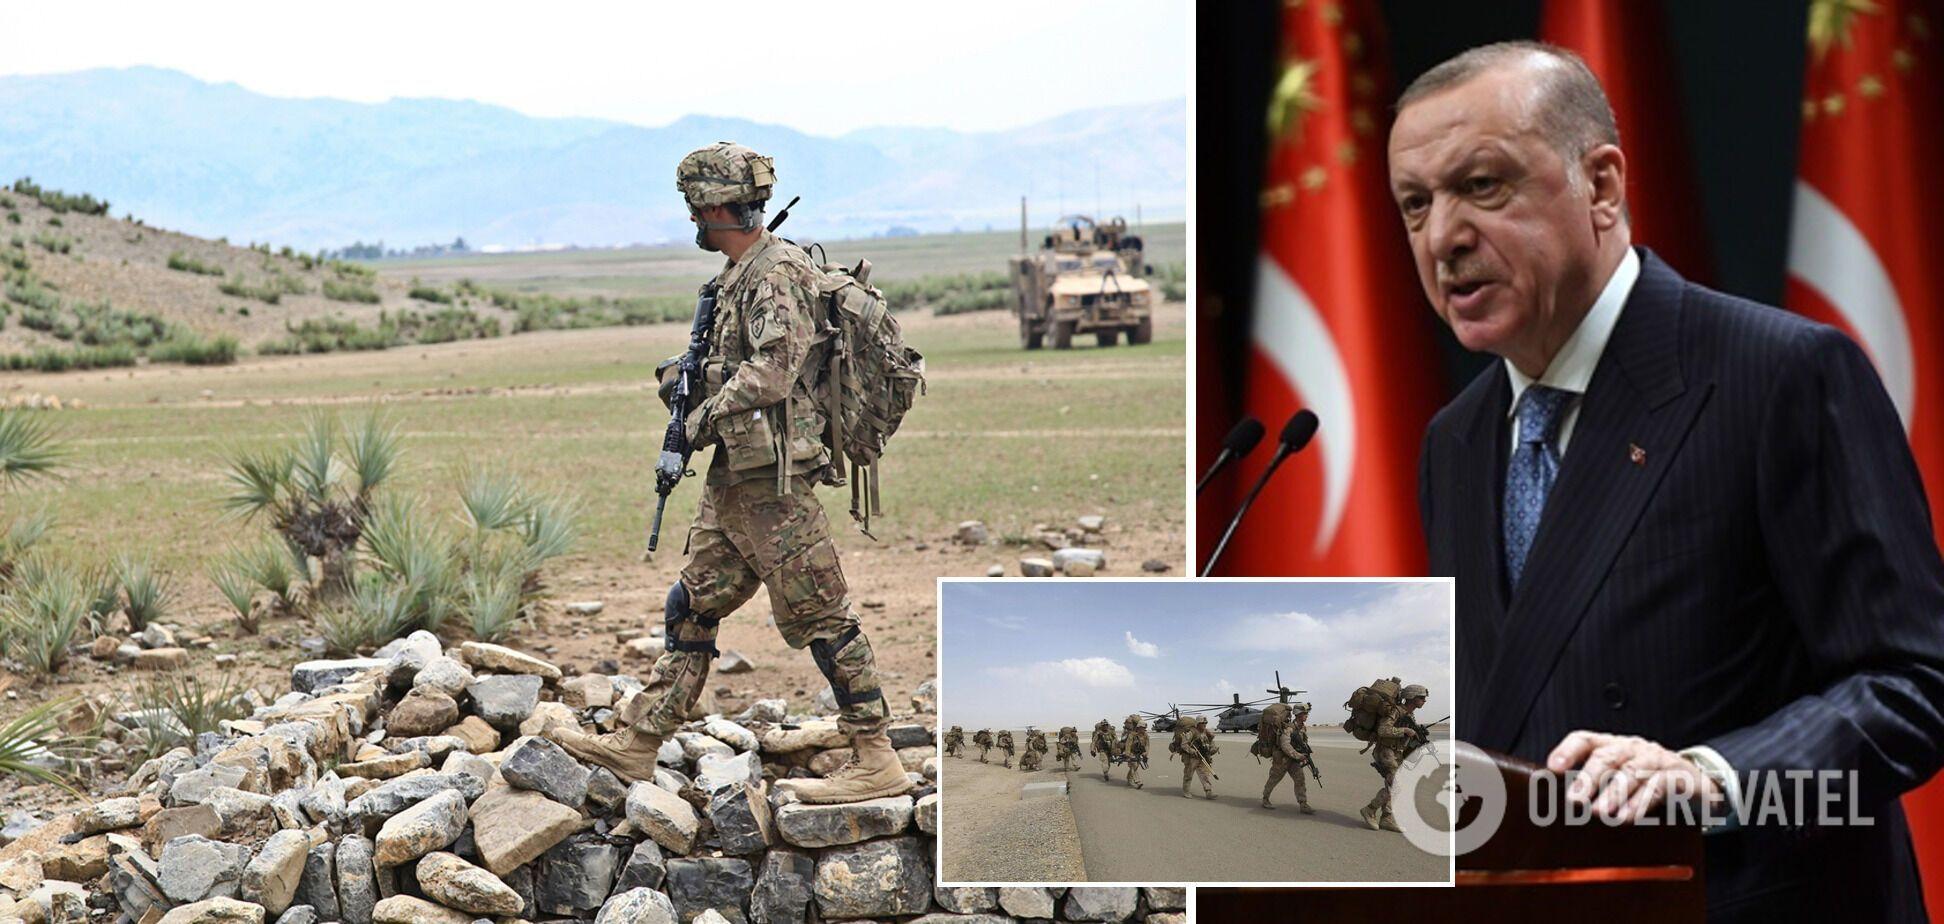 Эрдоган предложил США вывести армию из Сирии и Ирака по примеру Афганистана